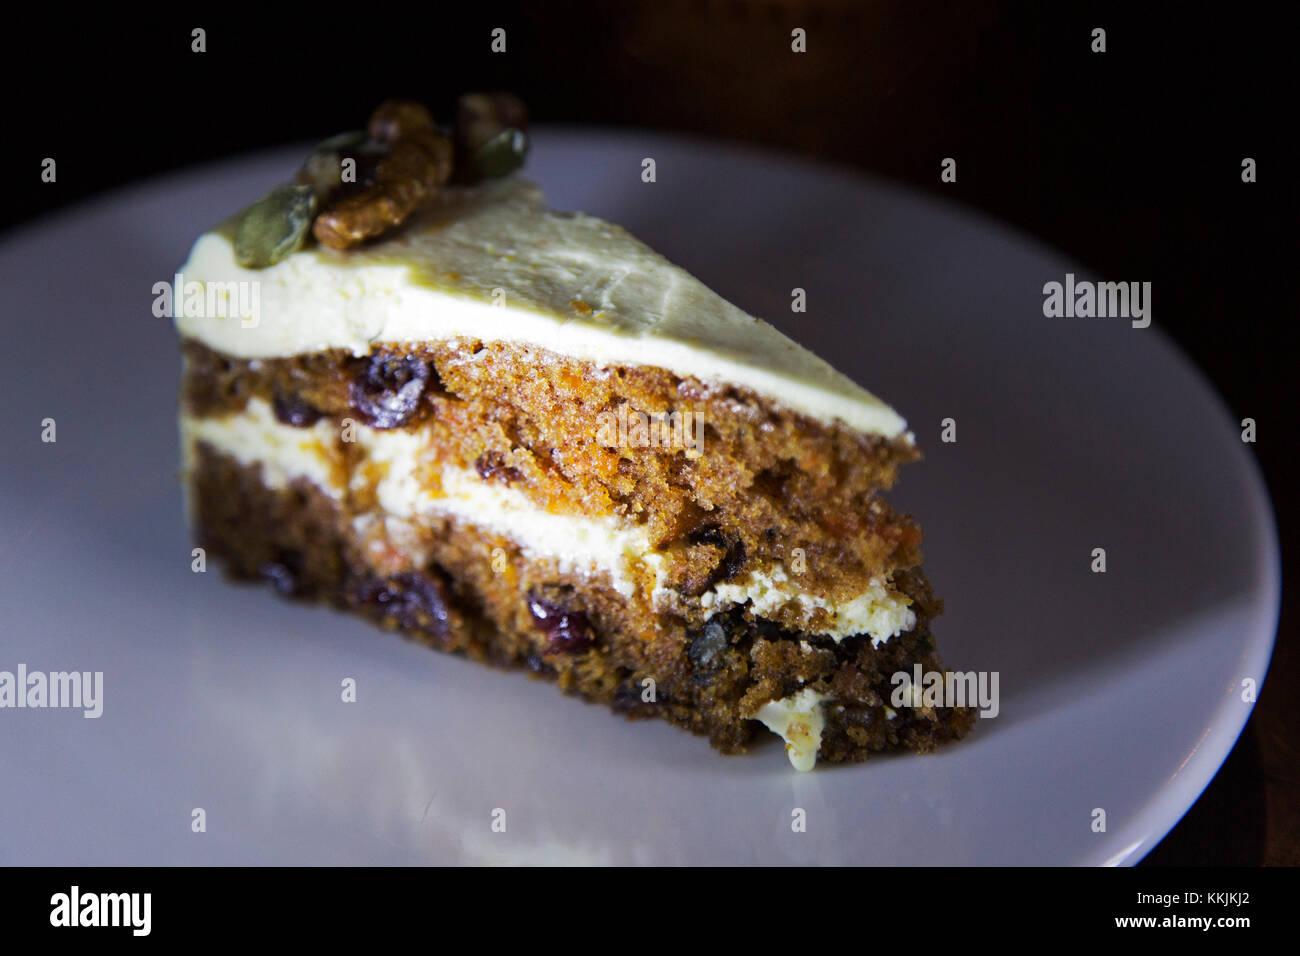 Karottenkuchen serviert auf einem weißen Teller. Den Kuchen mit Fondant und Walnüsse. Stockbild